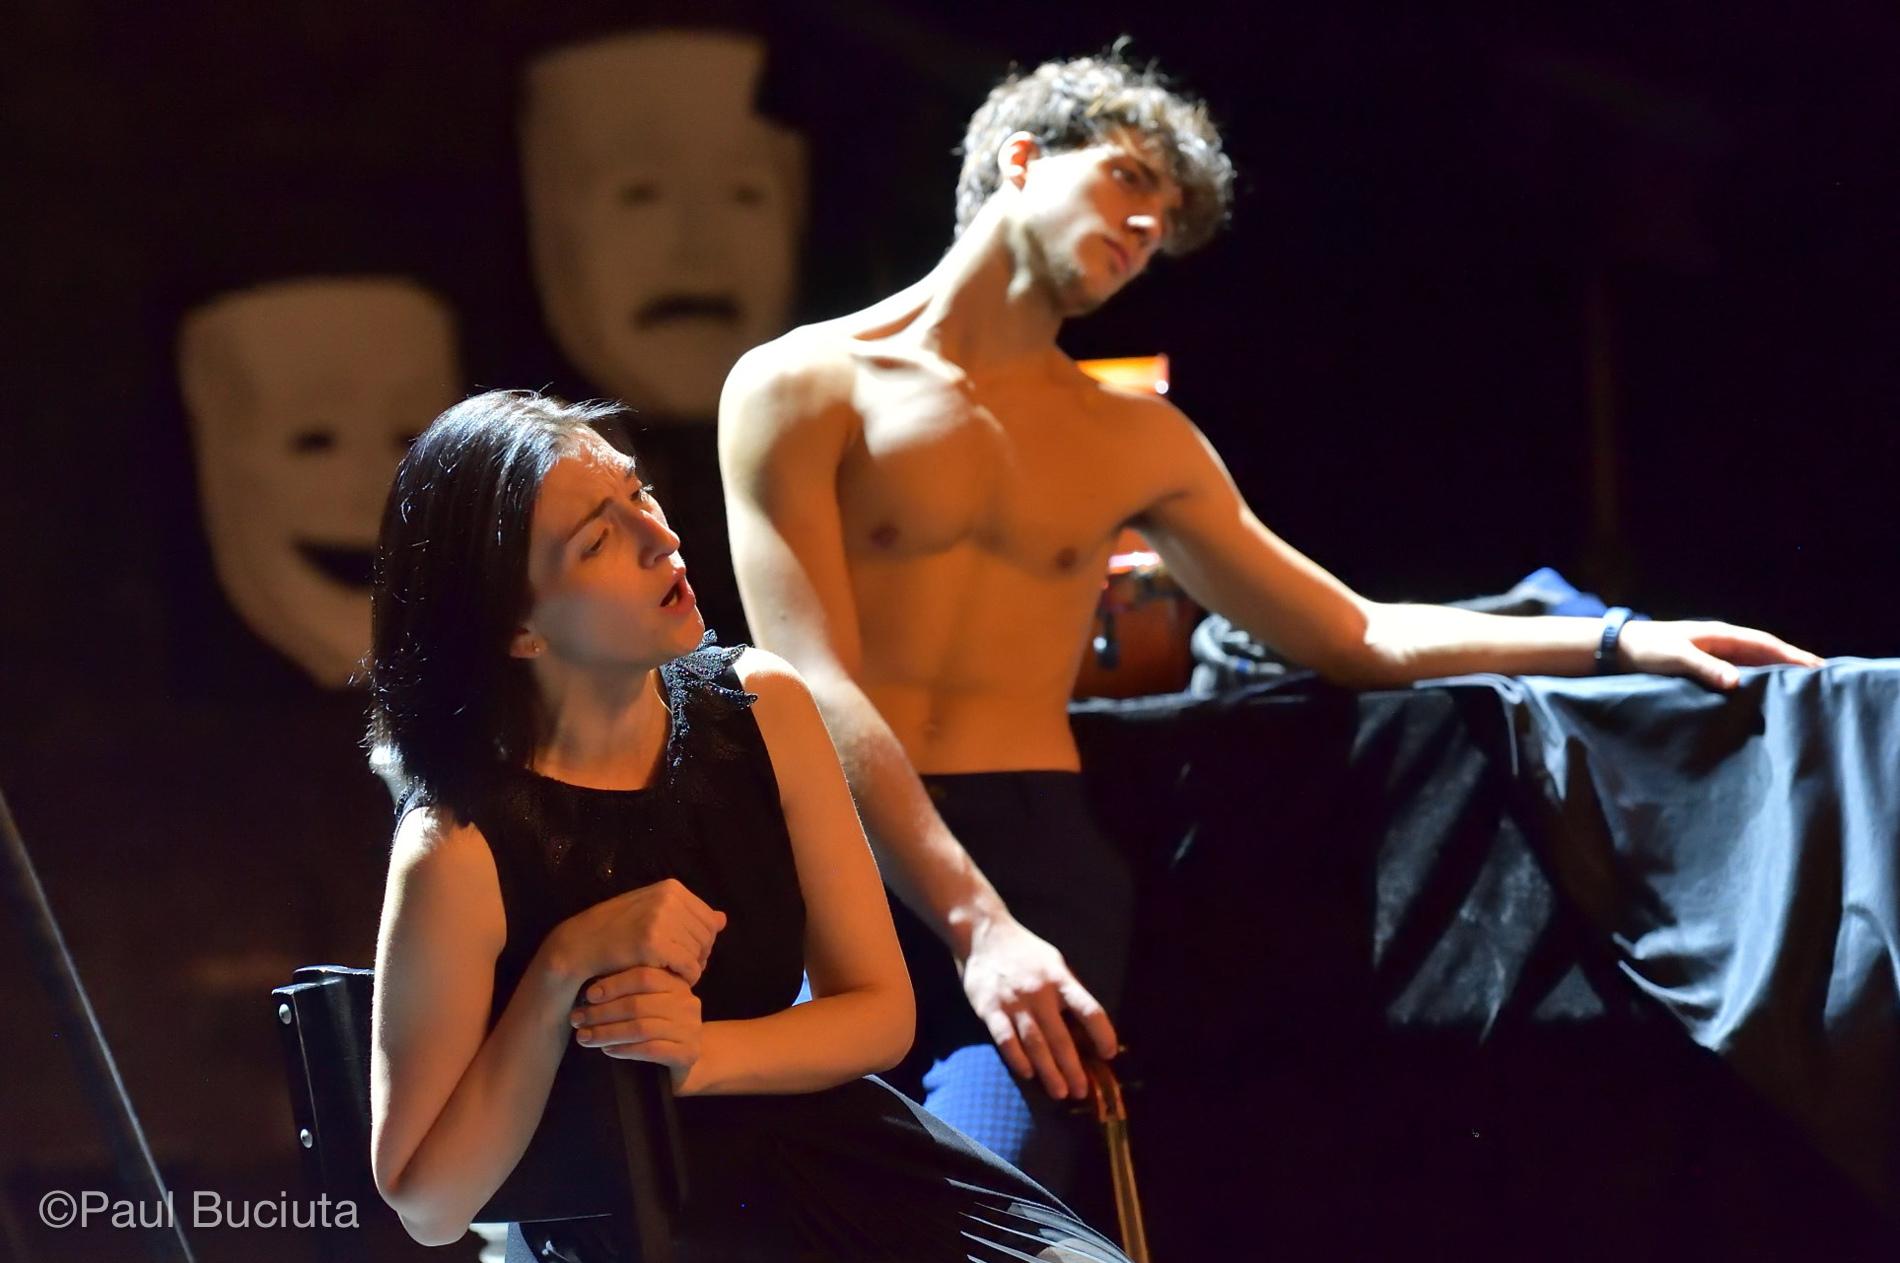 """Repetitii pentru spectacolul de balet """"TragiComedy"""", realizat de Gigi Caciuleanu la Opera Nationala Bucuresti, în parteneriat cu """"Gigi Caciuleanu Romania Dance Company"""""""